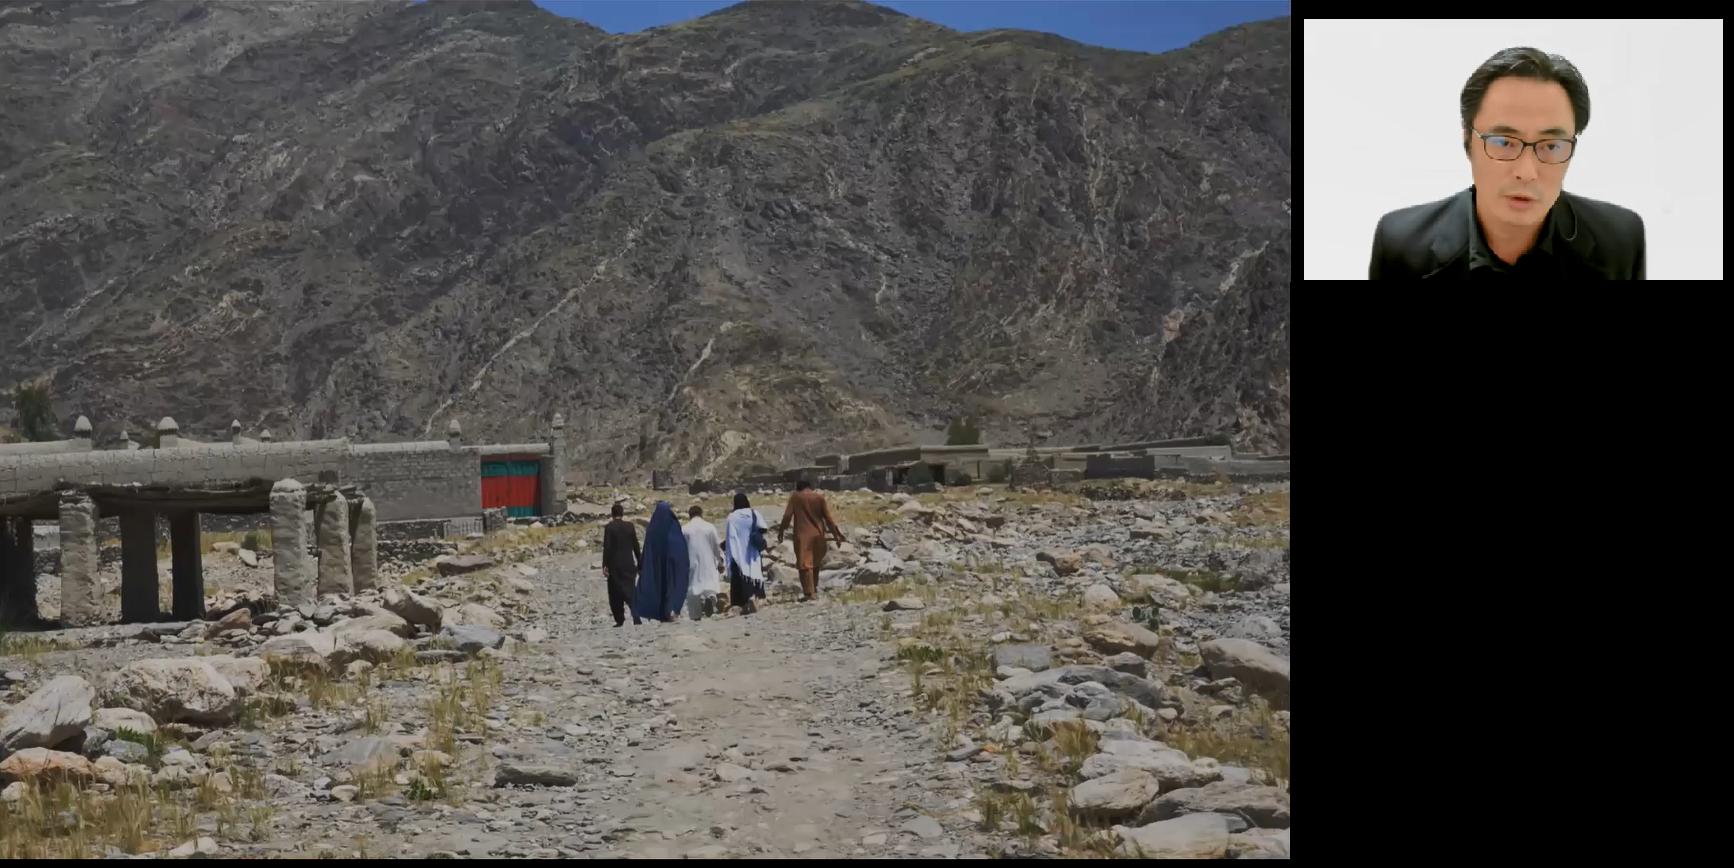 アフガニスタンの過去、現在、未来:ターリバーン政権復活と国際社会の役割に関する専門家セミナー